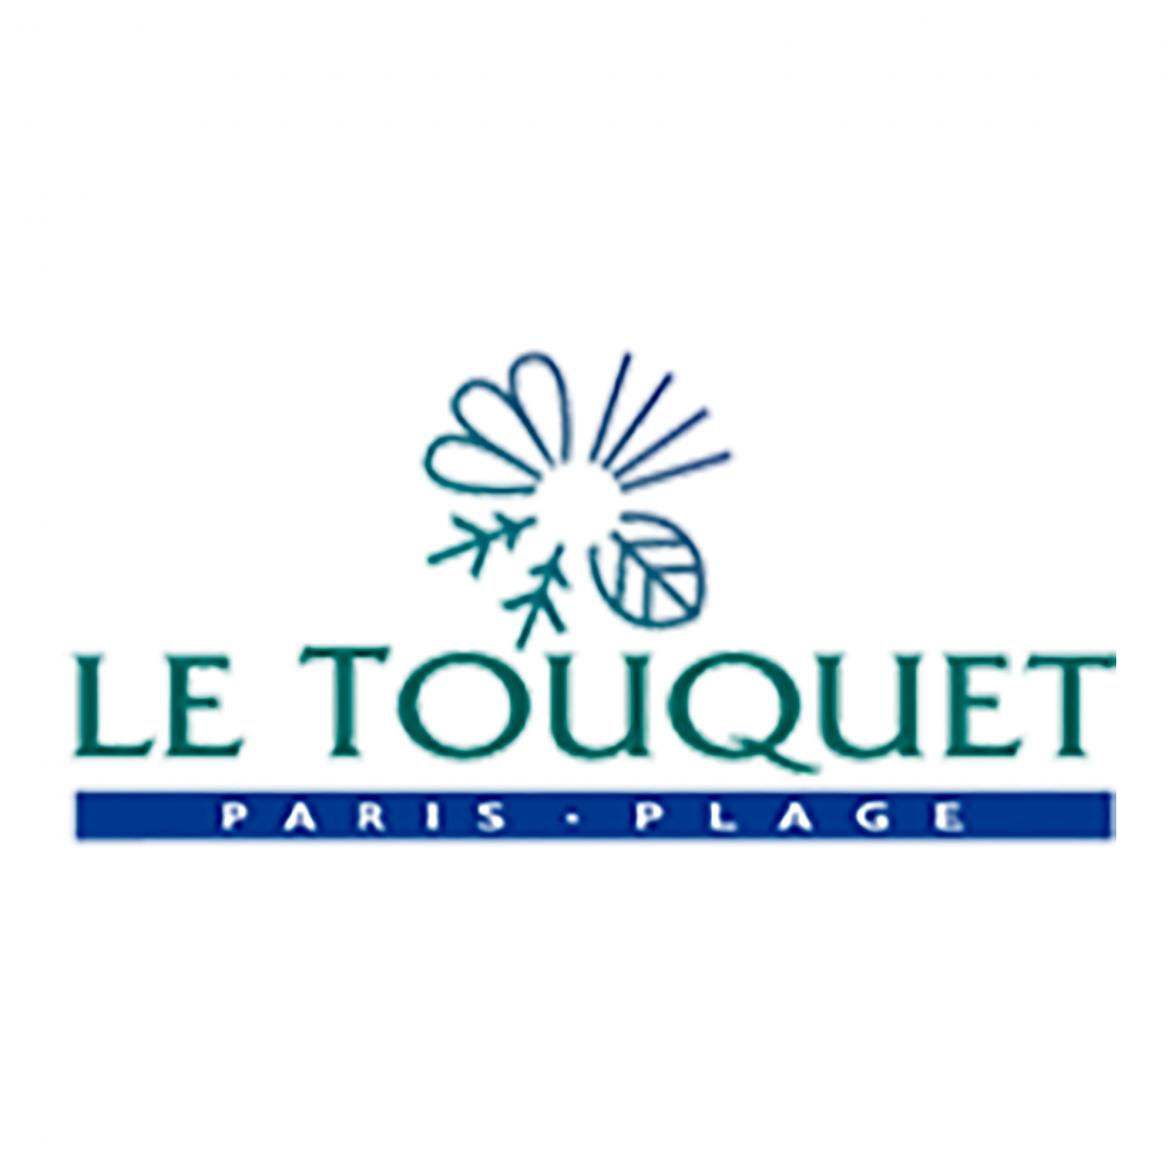 Angèle Von kiss - Mes clients - LE TOUQUET